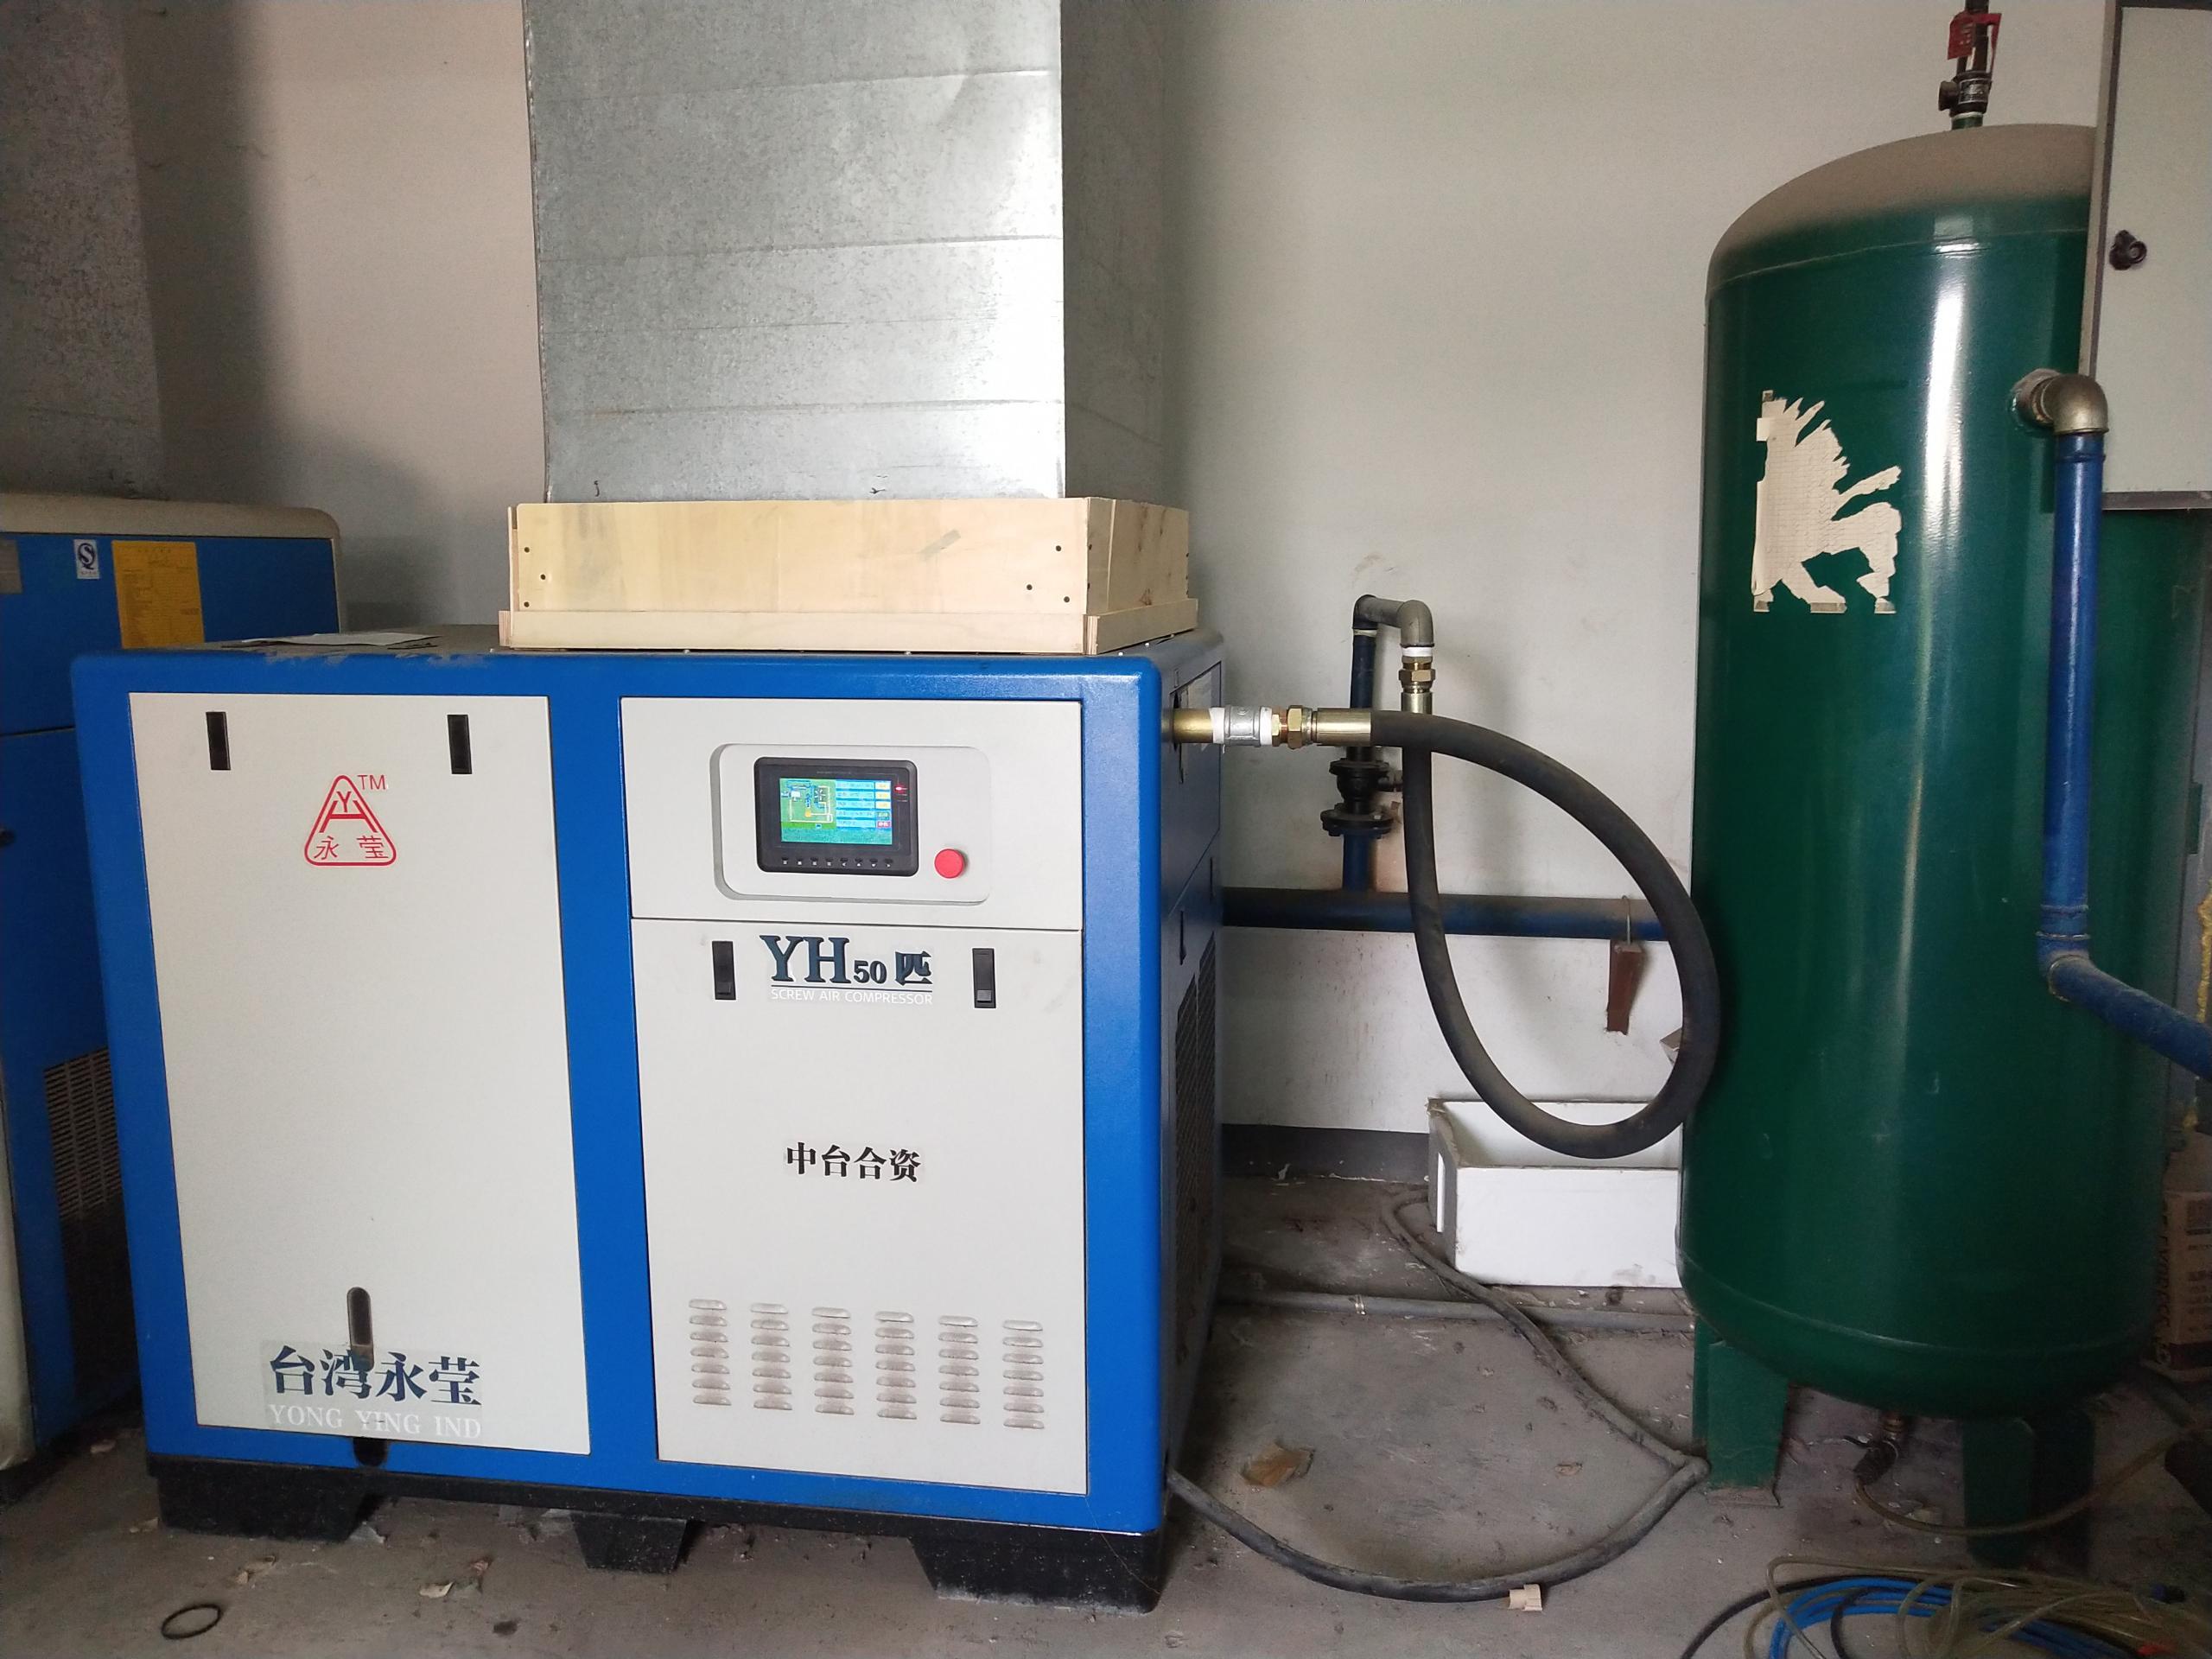 富达螺杆空压机:空压机最常见的标准配置送你检测新机